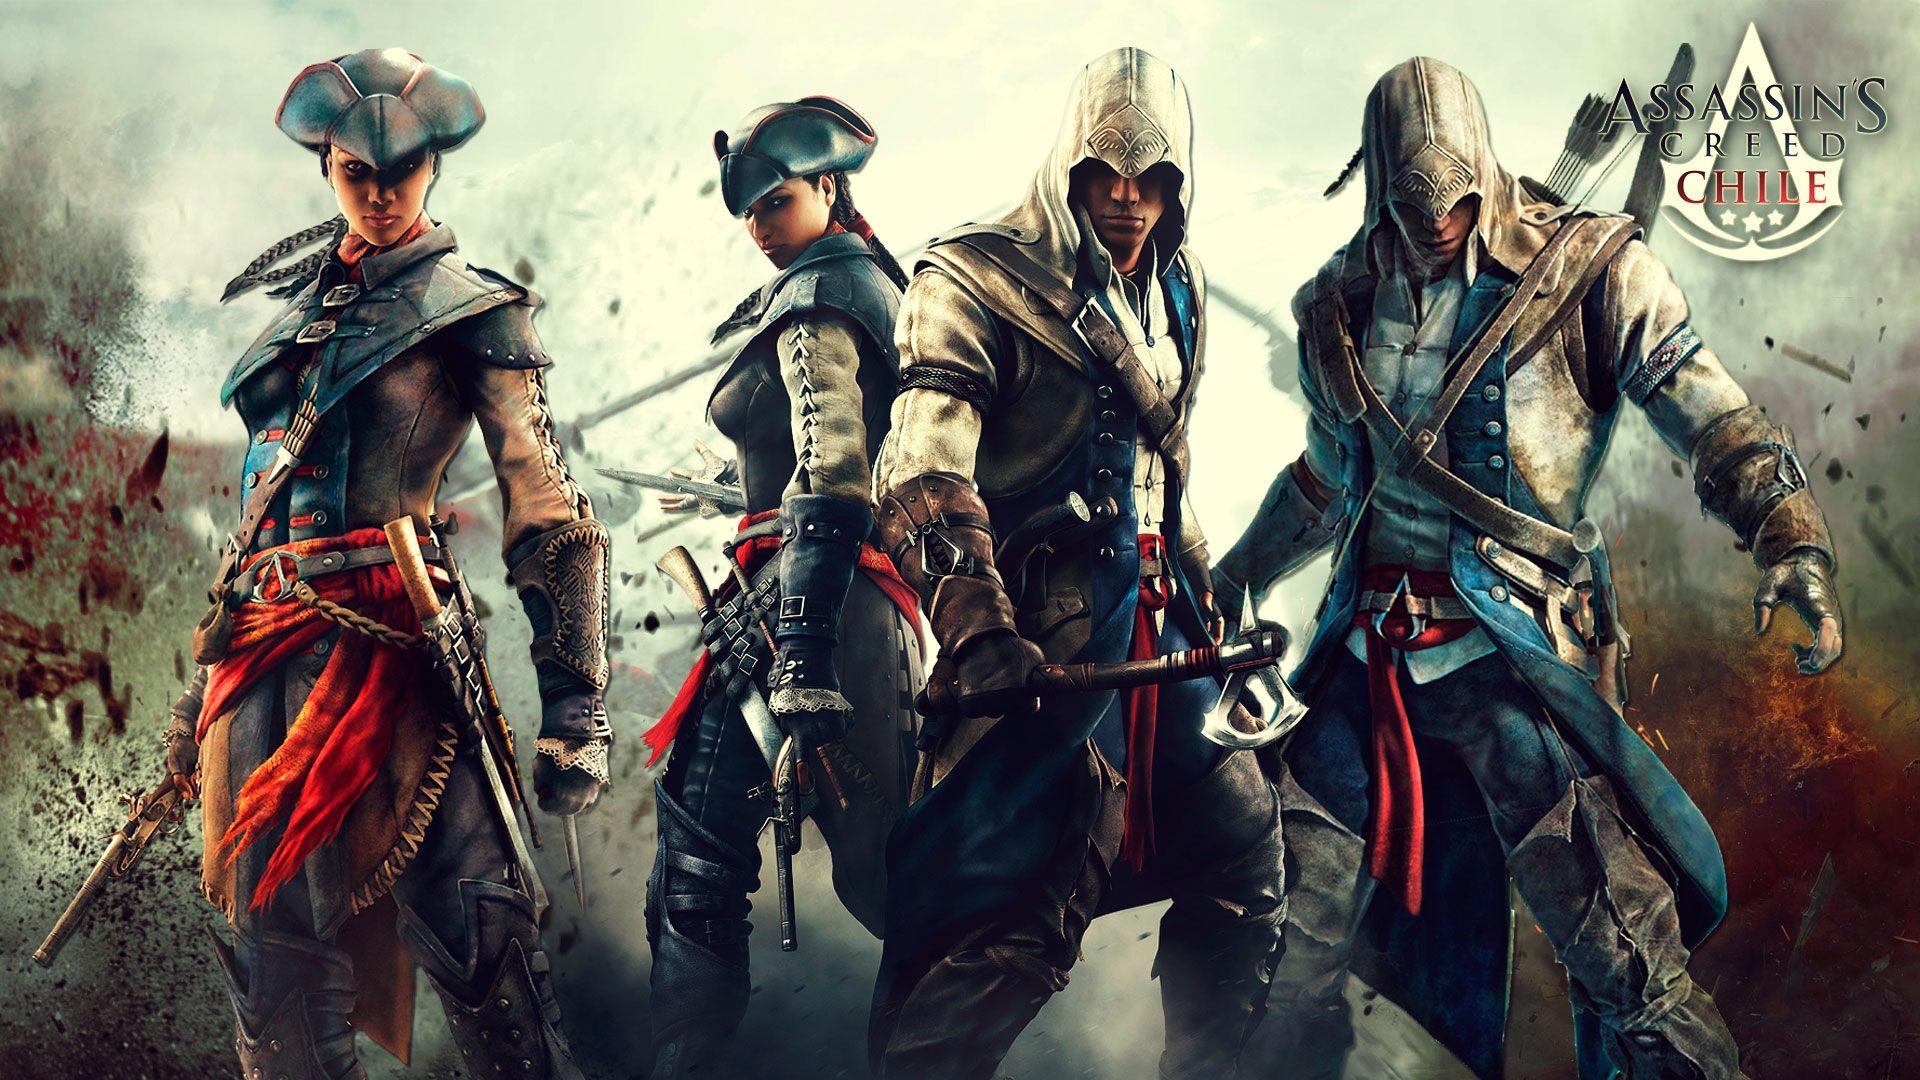 Assassin creed 3 wallpaper impremedia assassins creed 3 wallpaper voltagebd Gallery